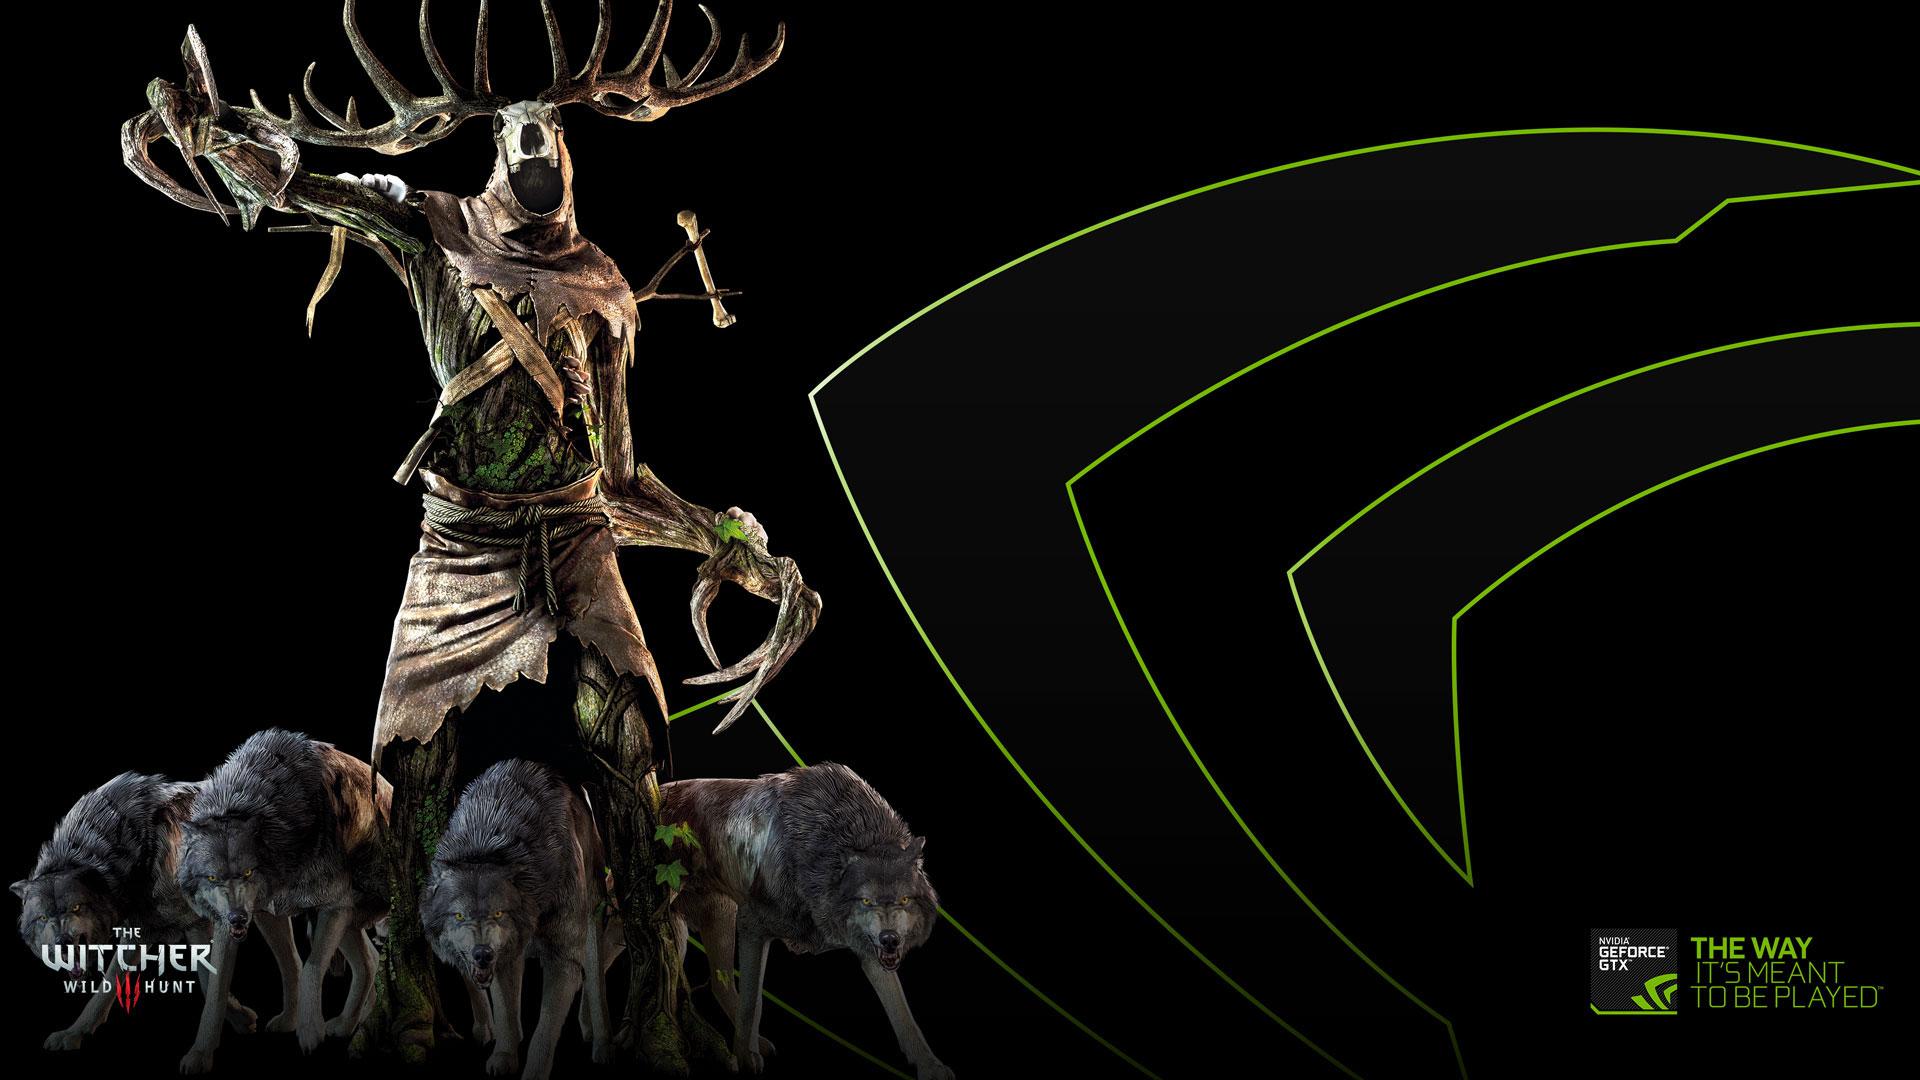 巫师3狂猎nvidia专属1920x1080高清壁纸欣赏